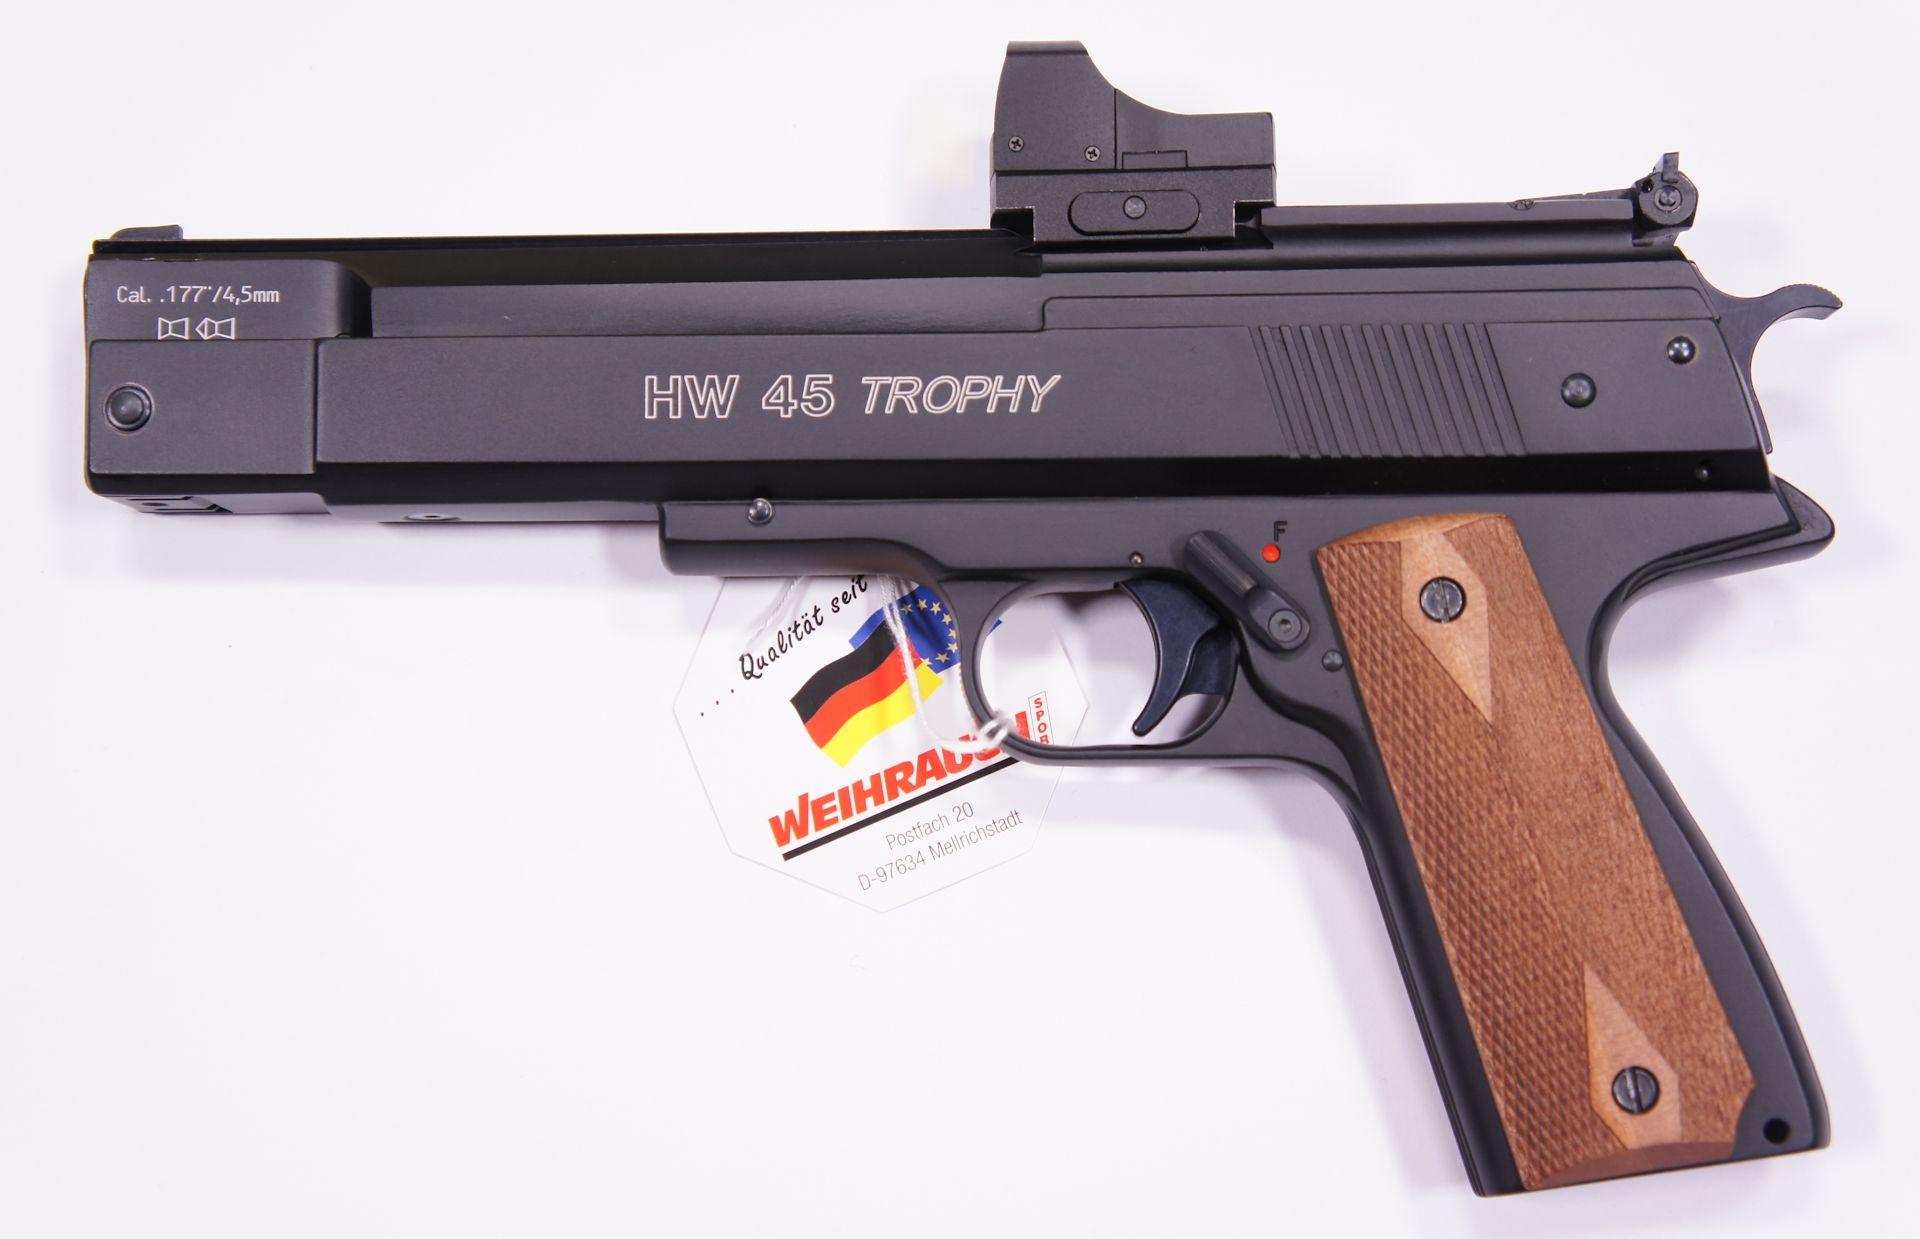 Sie könnten dann auch gerne  so eine Waffe mit eingeschossener Optik bekommen. Das Bildbeispiel zeigt hier die HW 45 Trophy. Also sehen Sie hier ein montiertes <a href=1130222-45.htm>Reflexvisier</a>, aber eine ähnliche Waffe mit anderem Griff.